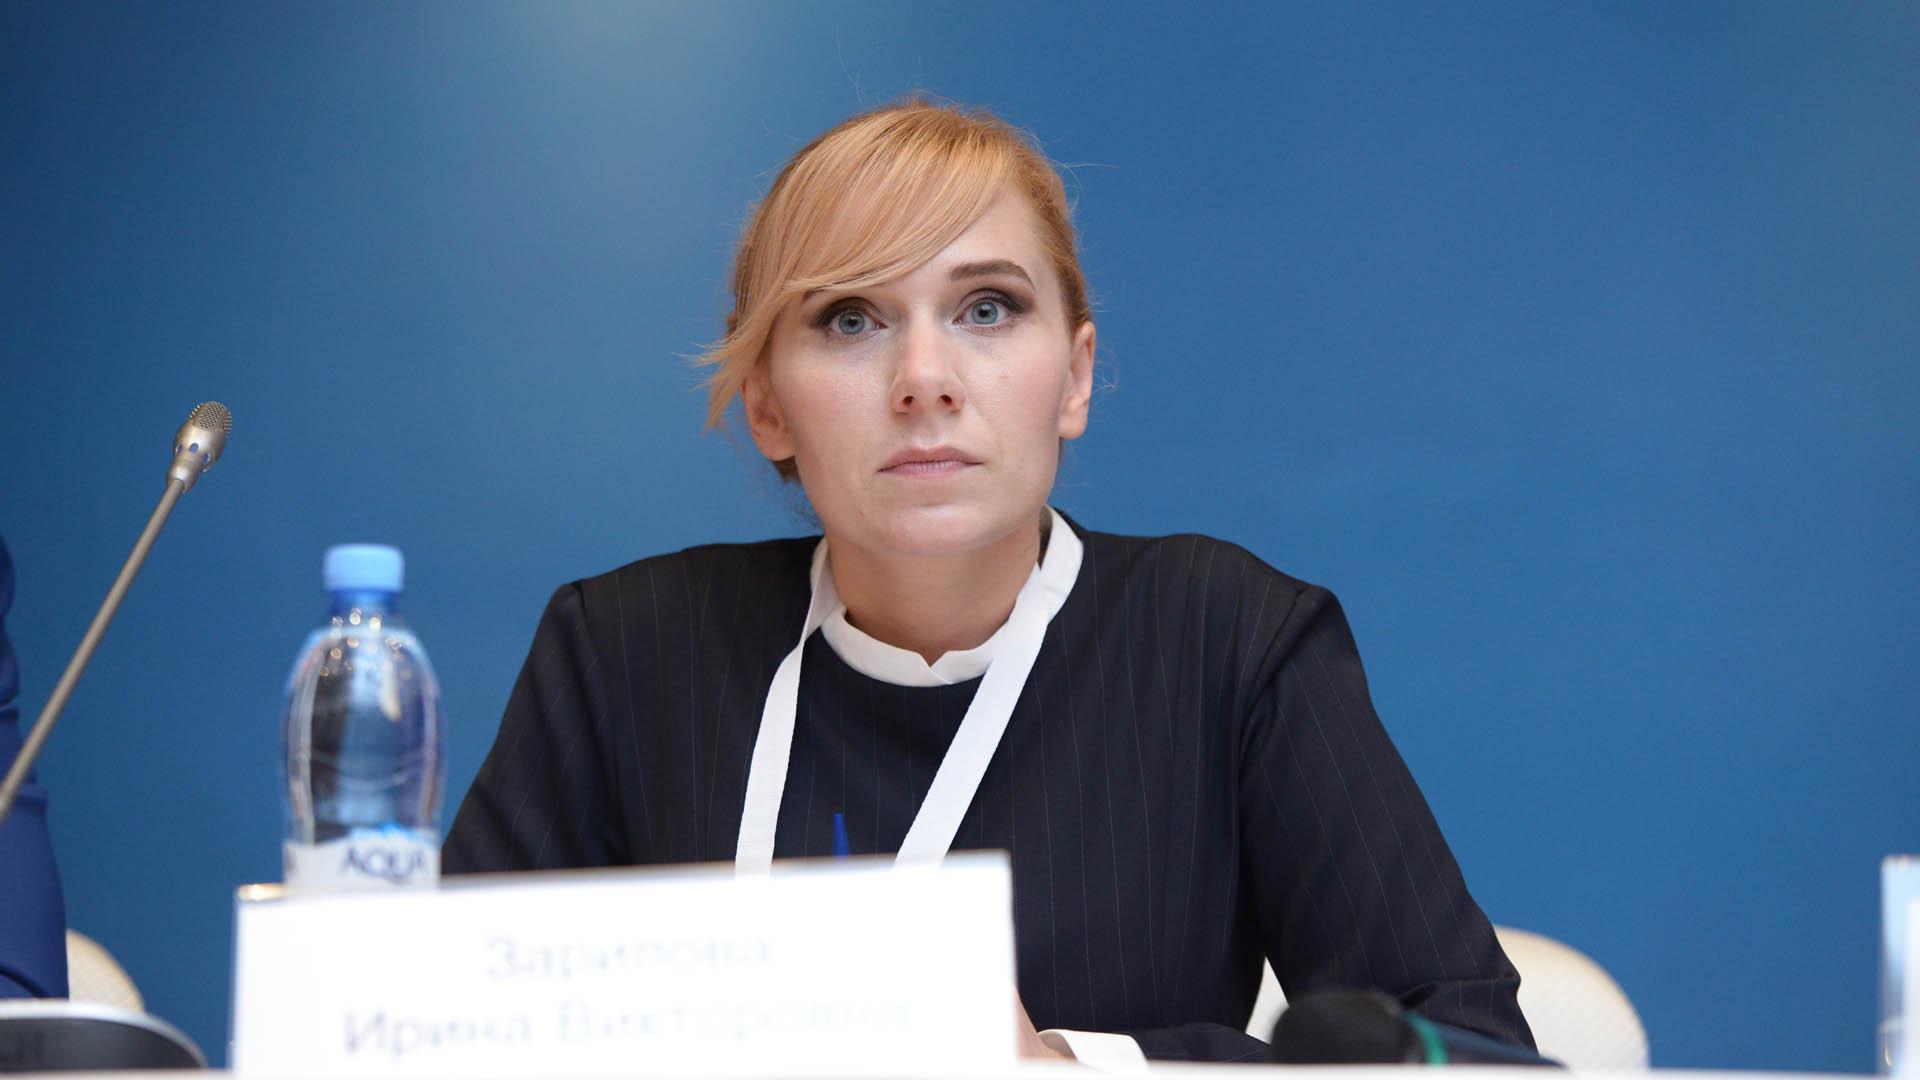 Колонка Ирины Зариповой: «Для регулирования таксомоторной отрасли нужно комплексное решение»